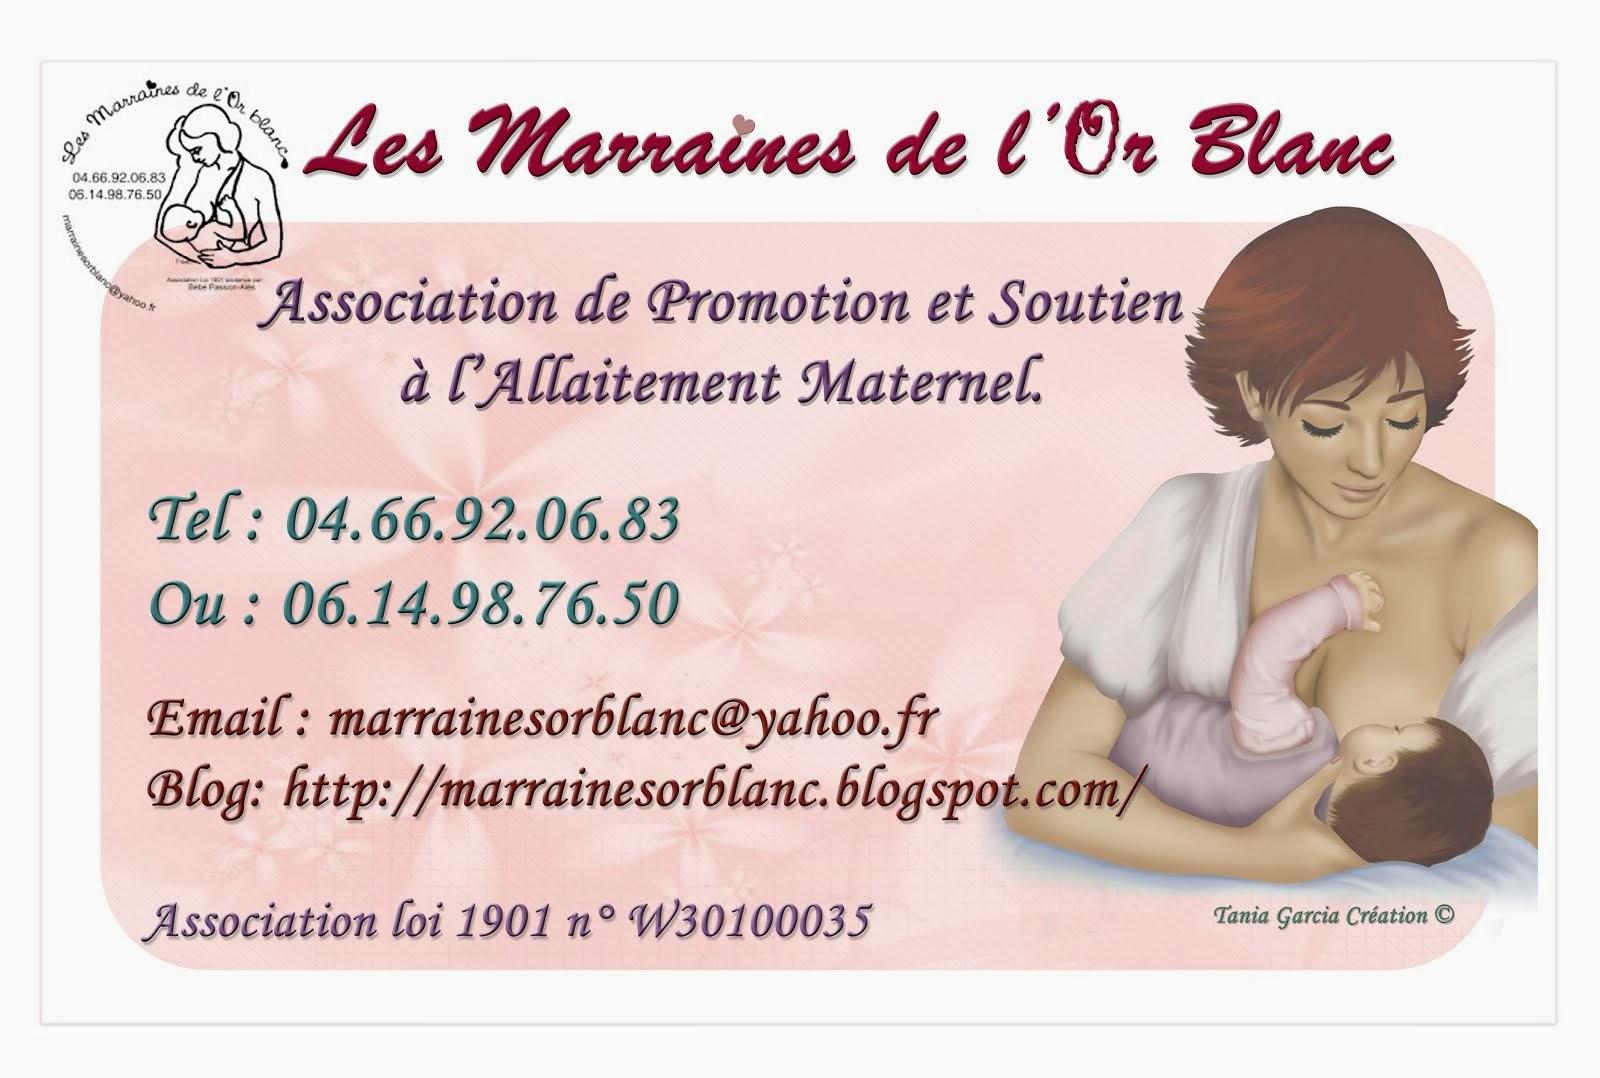 Notre Association sur perinat.fr